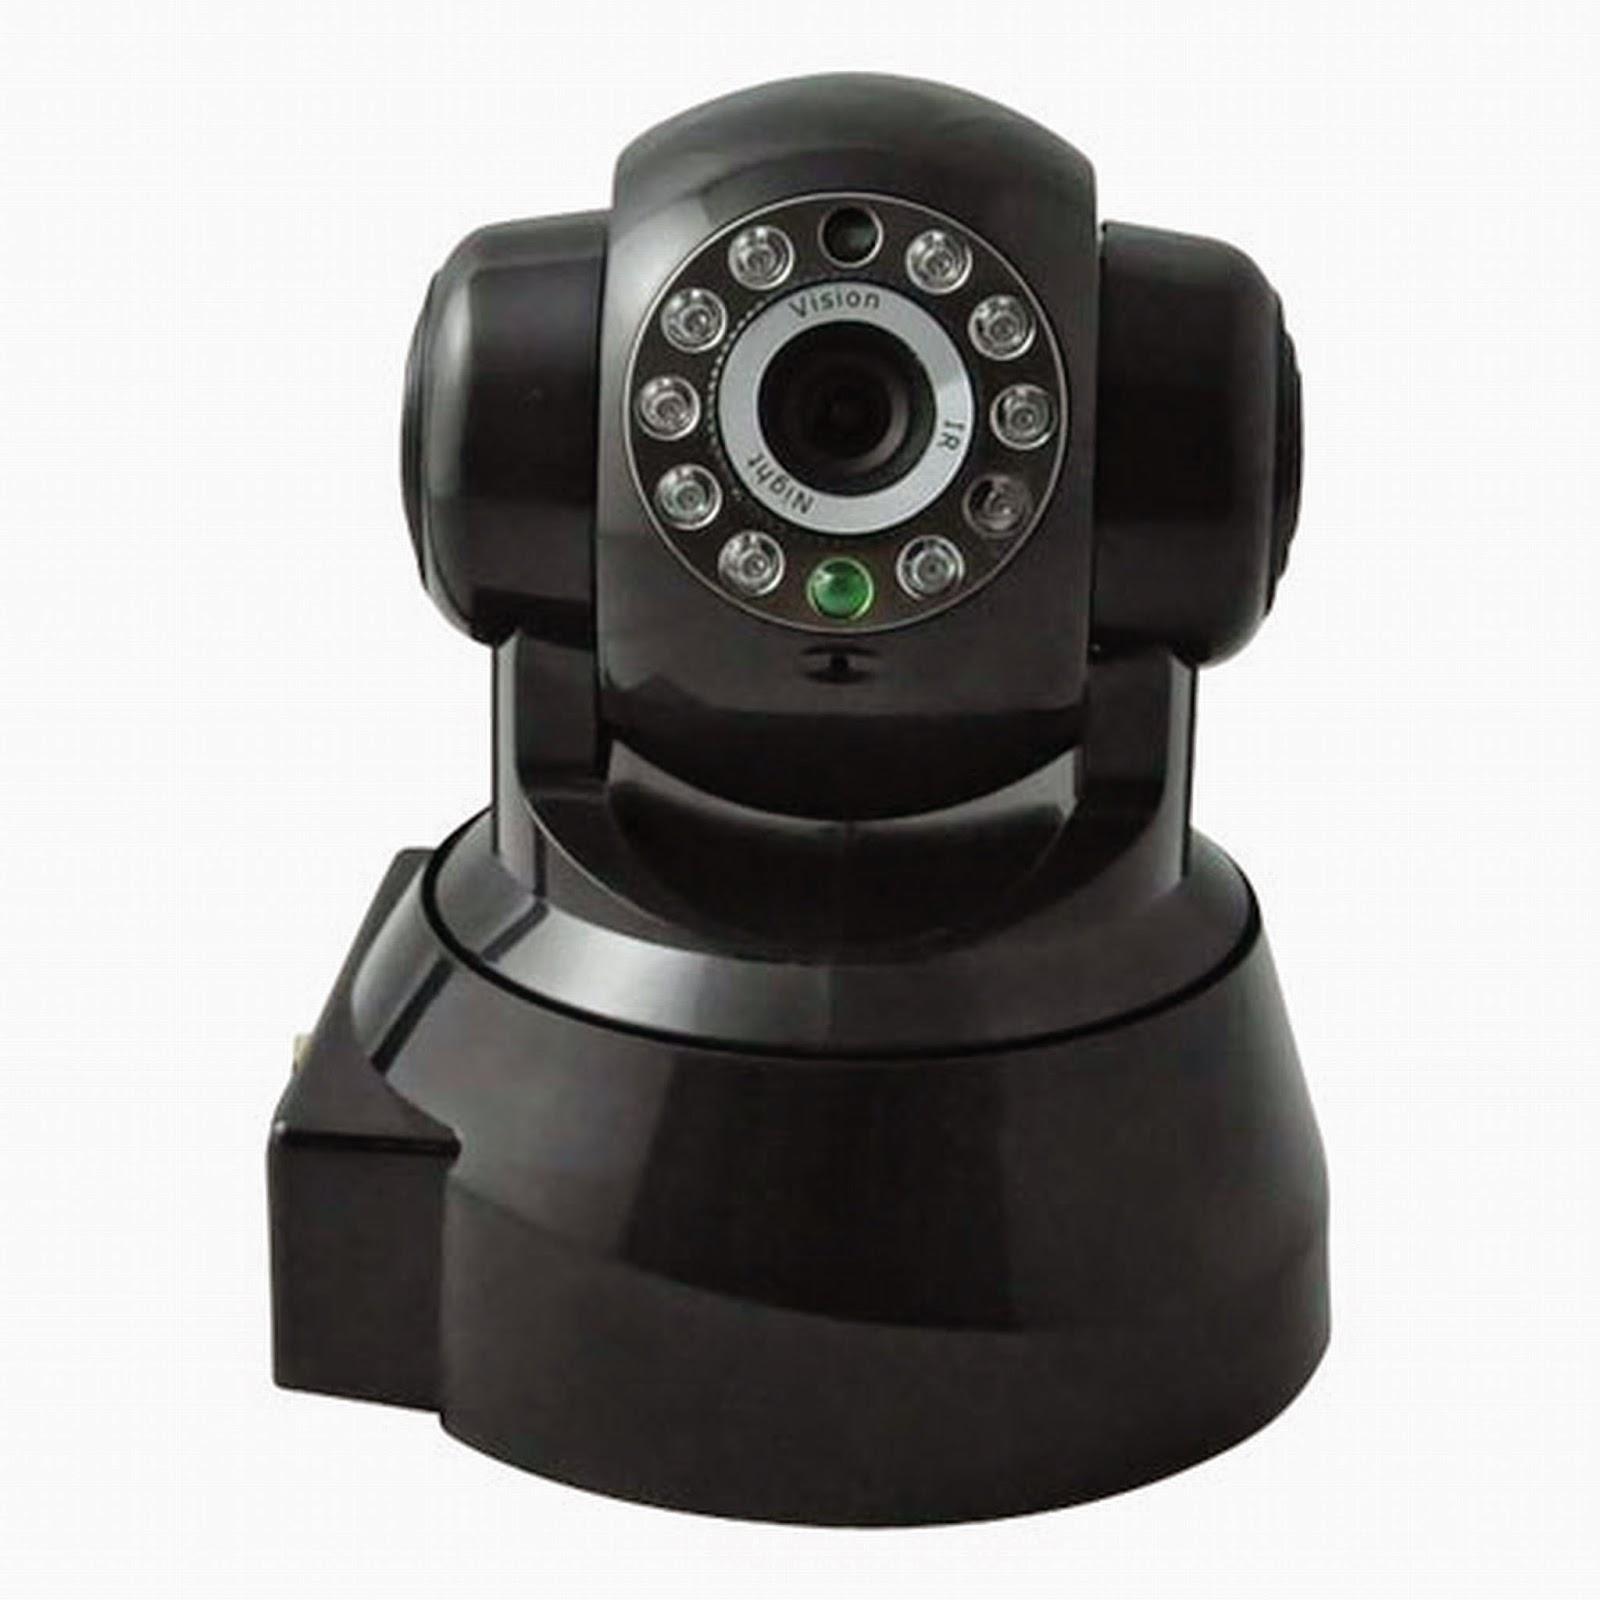 Lắp đặt camera IP giá rẻ ở Tp Vinh Nghệ An Hà Tĩnh